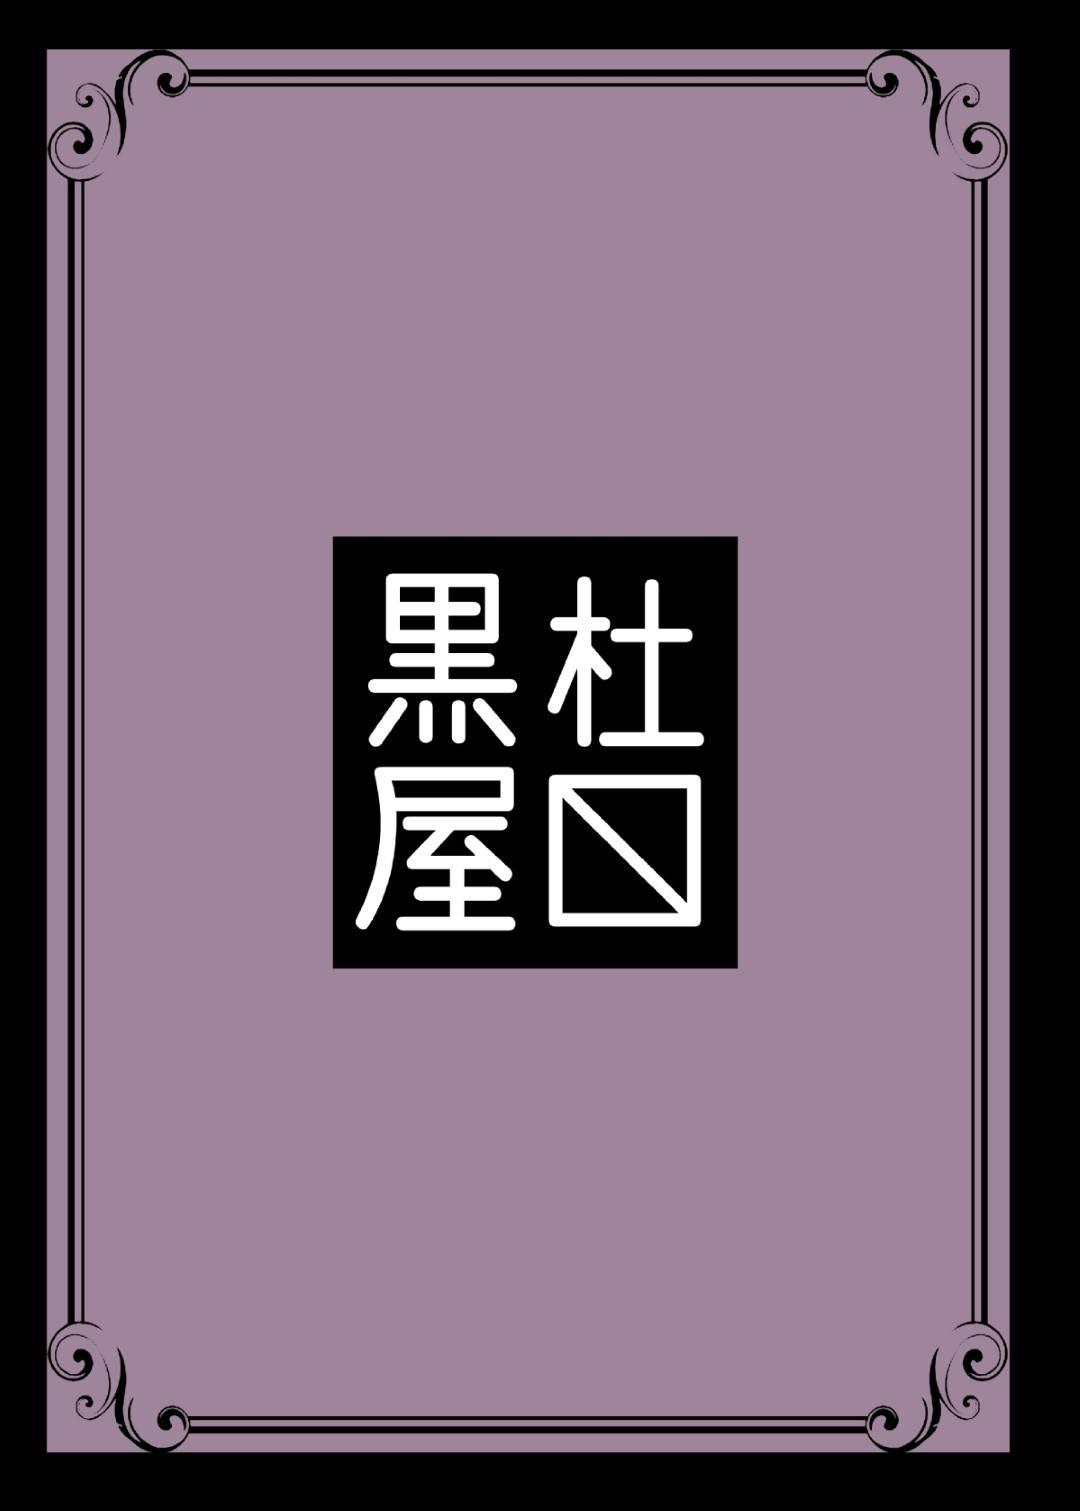 【エロ同人誌】異世界に連れられたショタの目の前に現れた行方不明になったクラスメイト…家族を作りたかったクラスメイトは女体化してショタを呼び寄せ子づくり!だんだん何がおかしいのかがわからなくなる狂気の世界で孕ませセックス!【黒杜屋 (黒田クロ):夜の夢こそ】